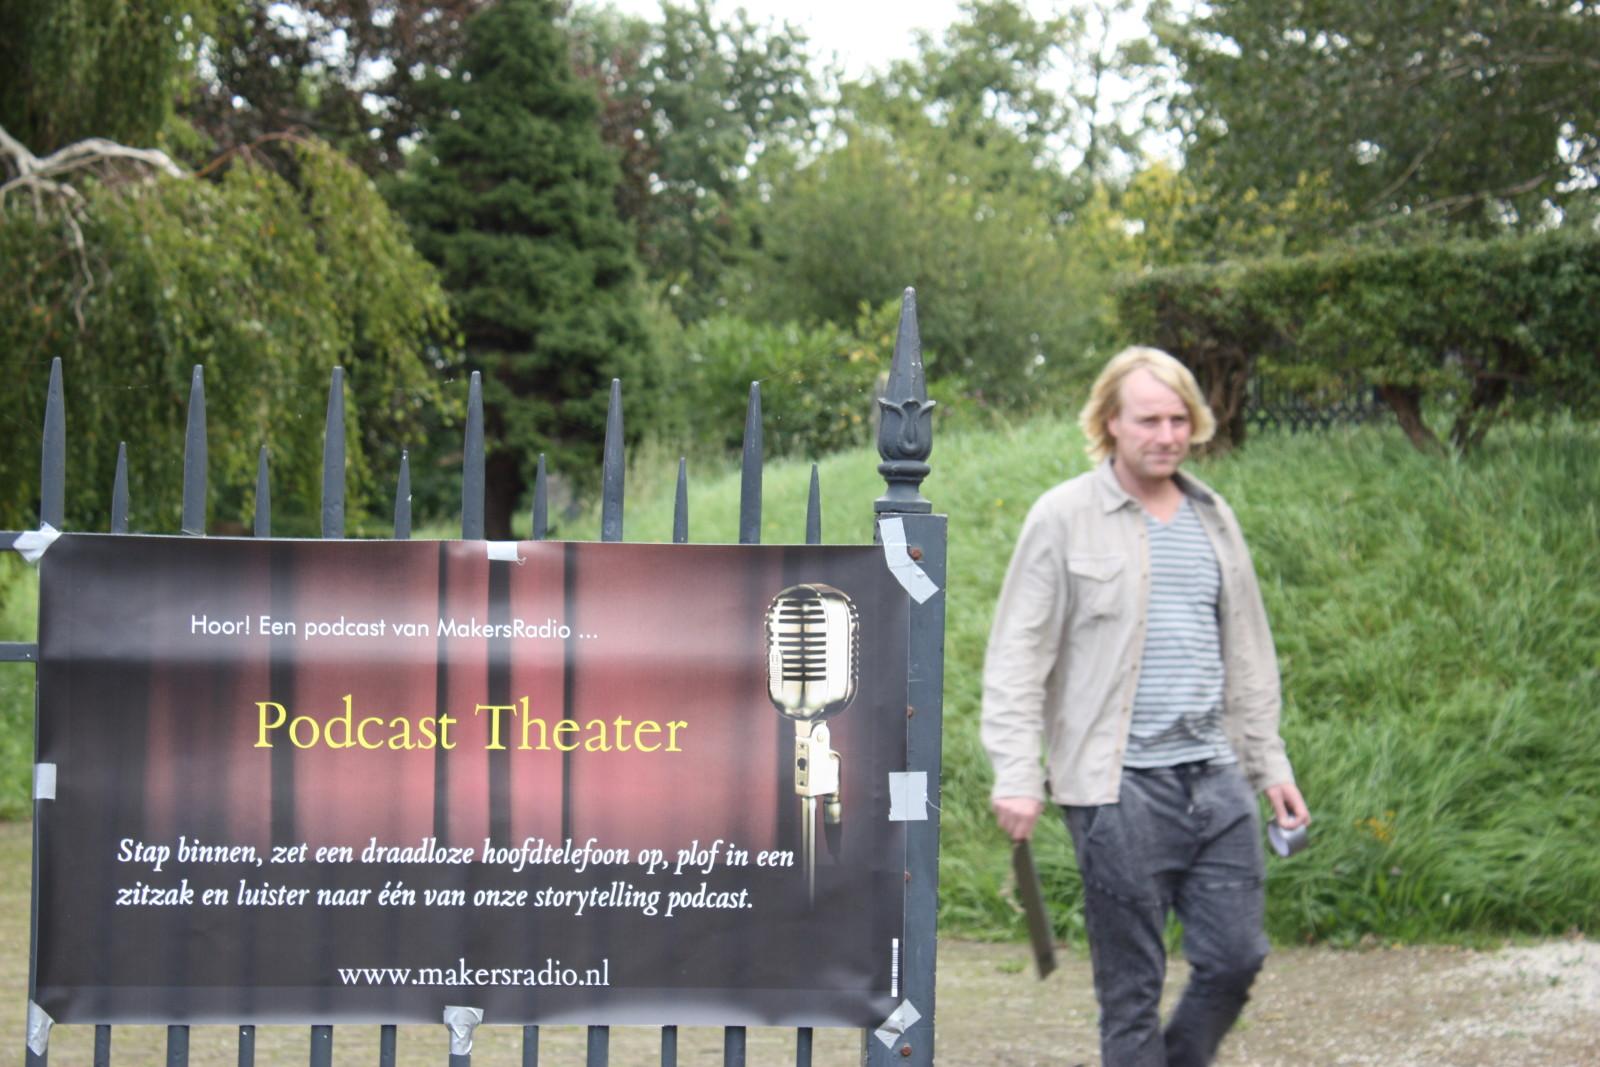 Hoor, een podcast van Makersradio